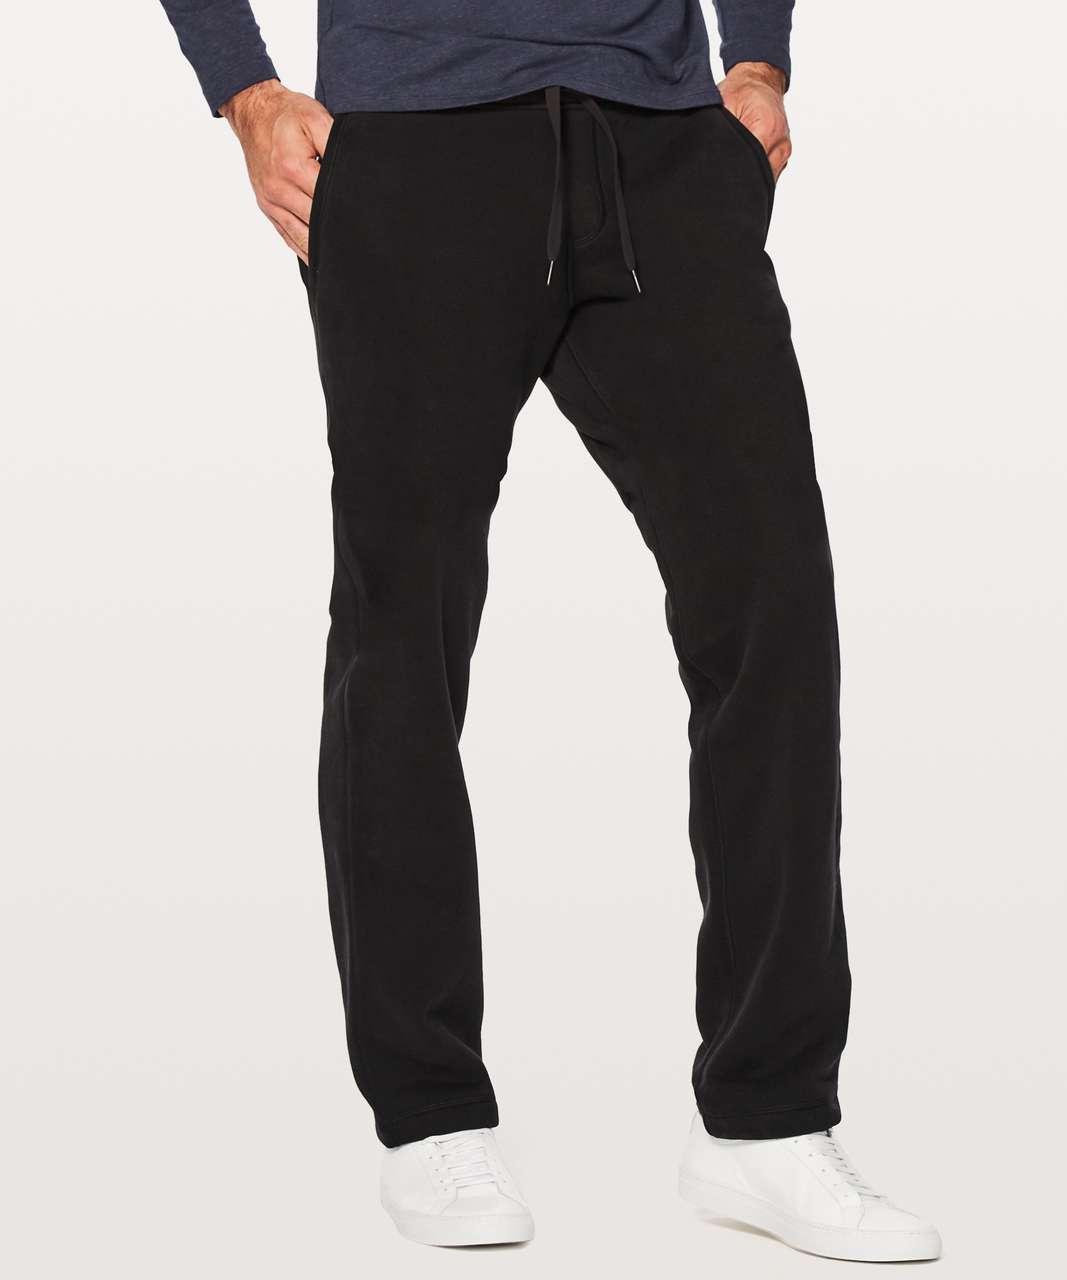 Lululemon Hustle Pant (Regular) - Black